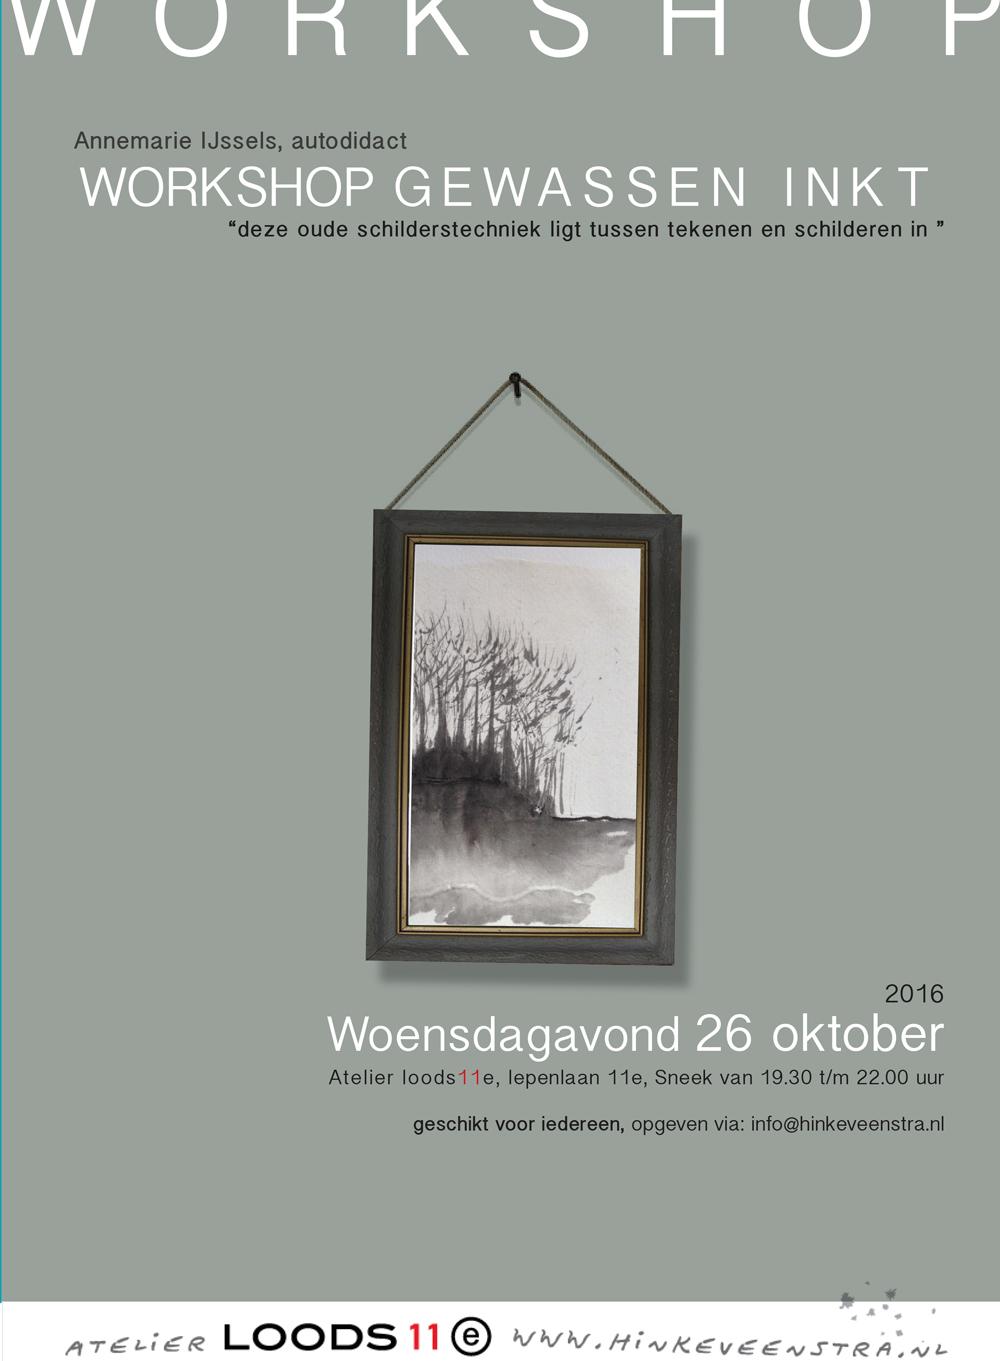 poster-workshop-iepenlaan-11e-,3